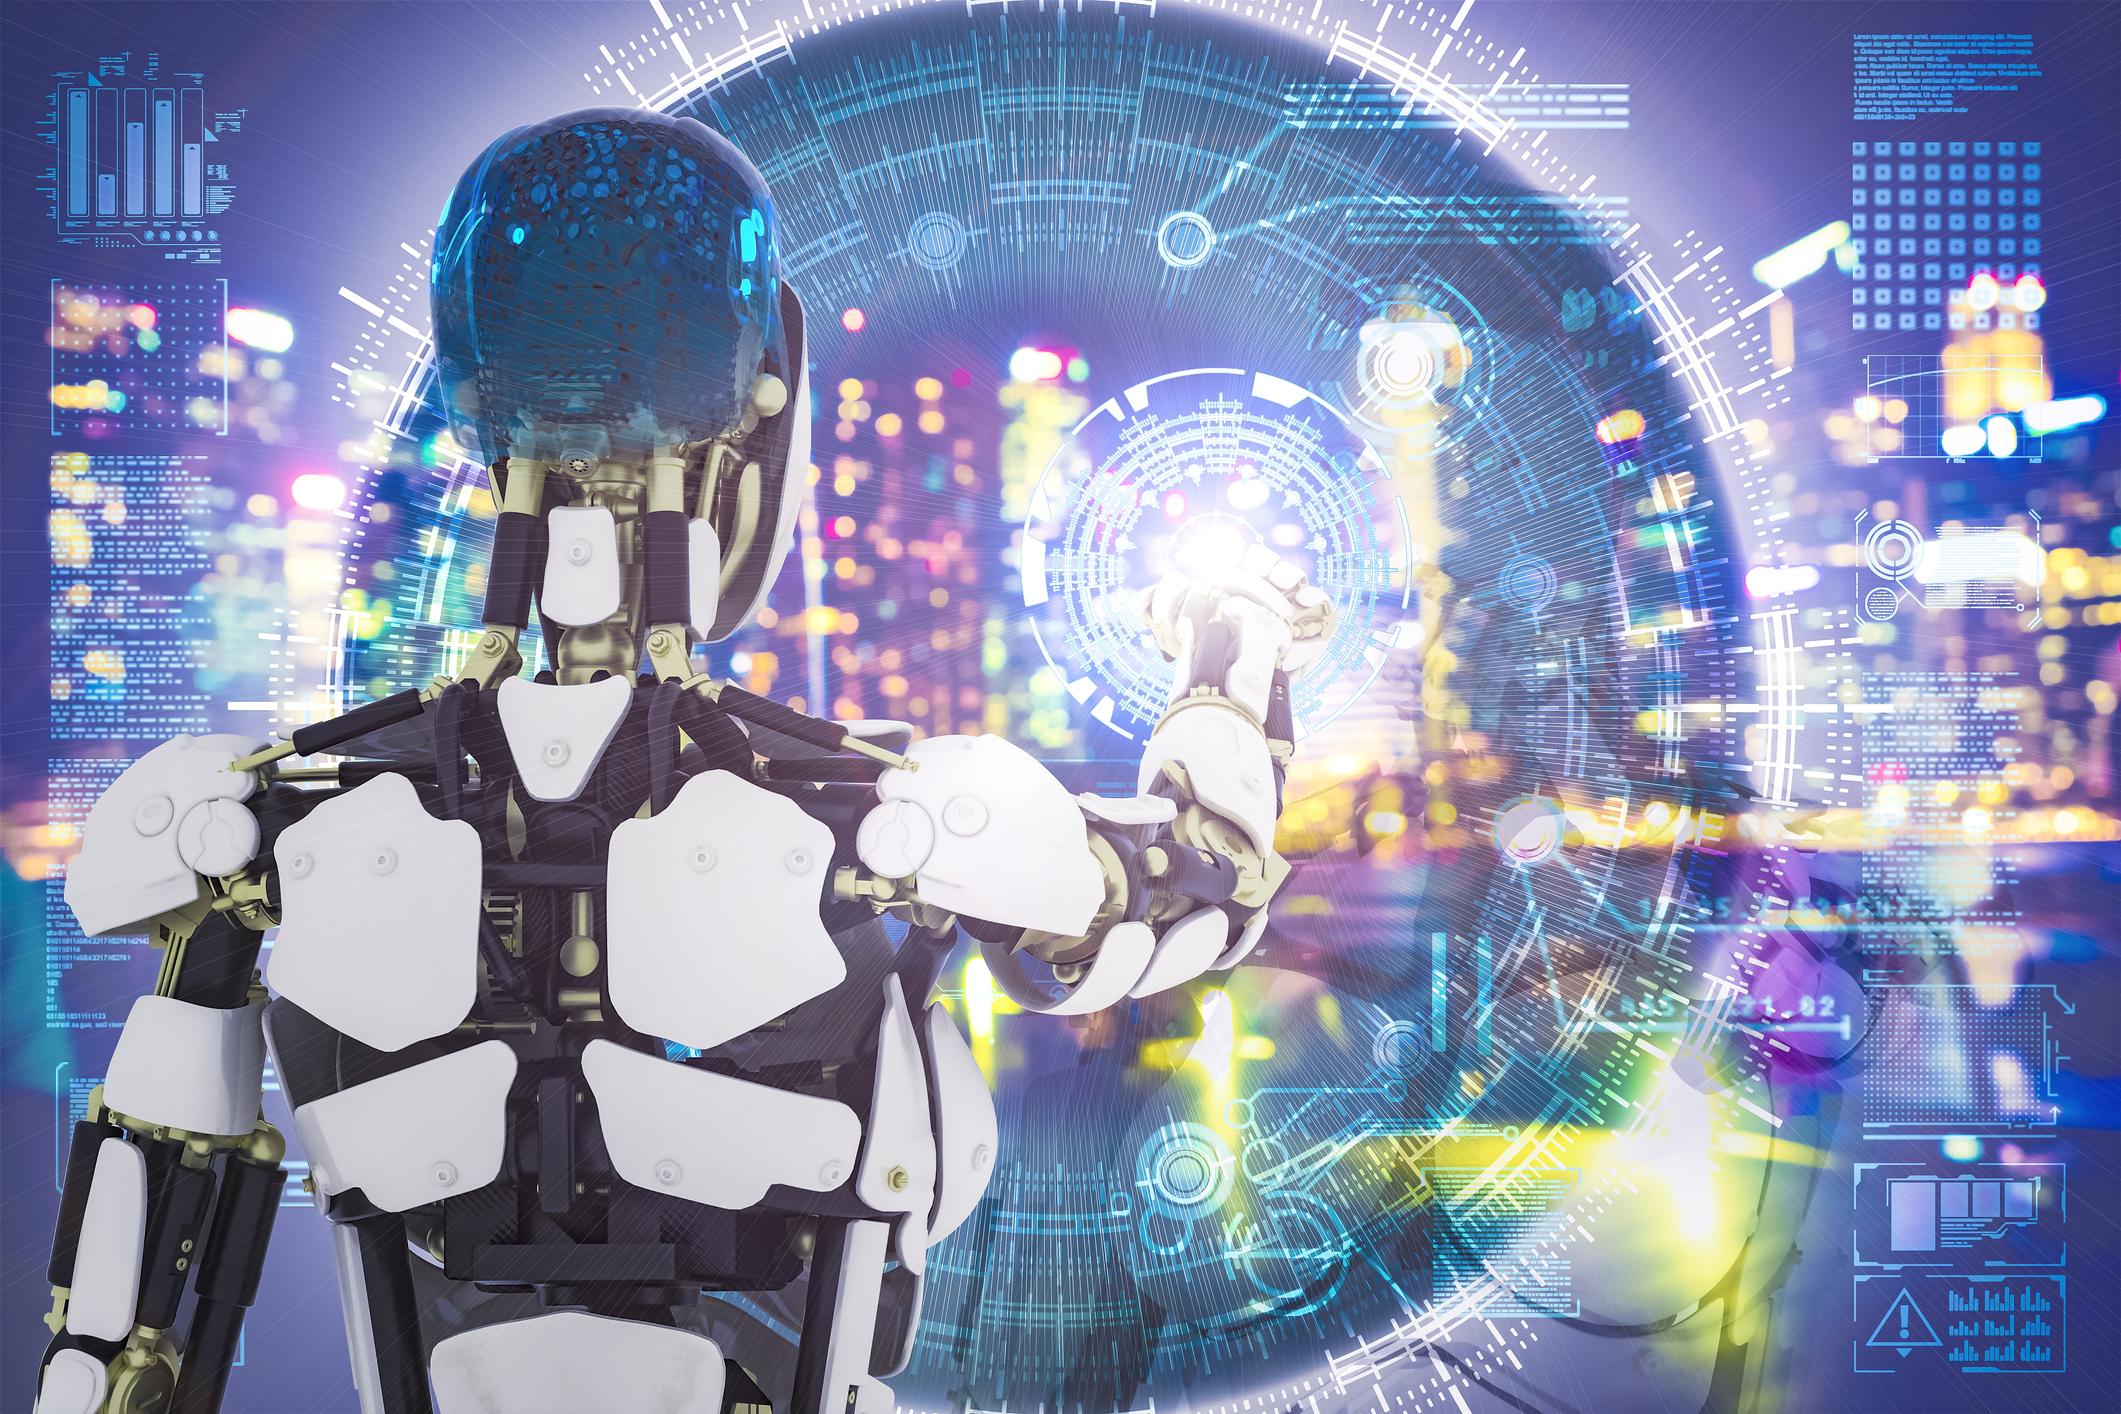 Systèmes d'intelligence artificielle